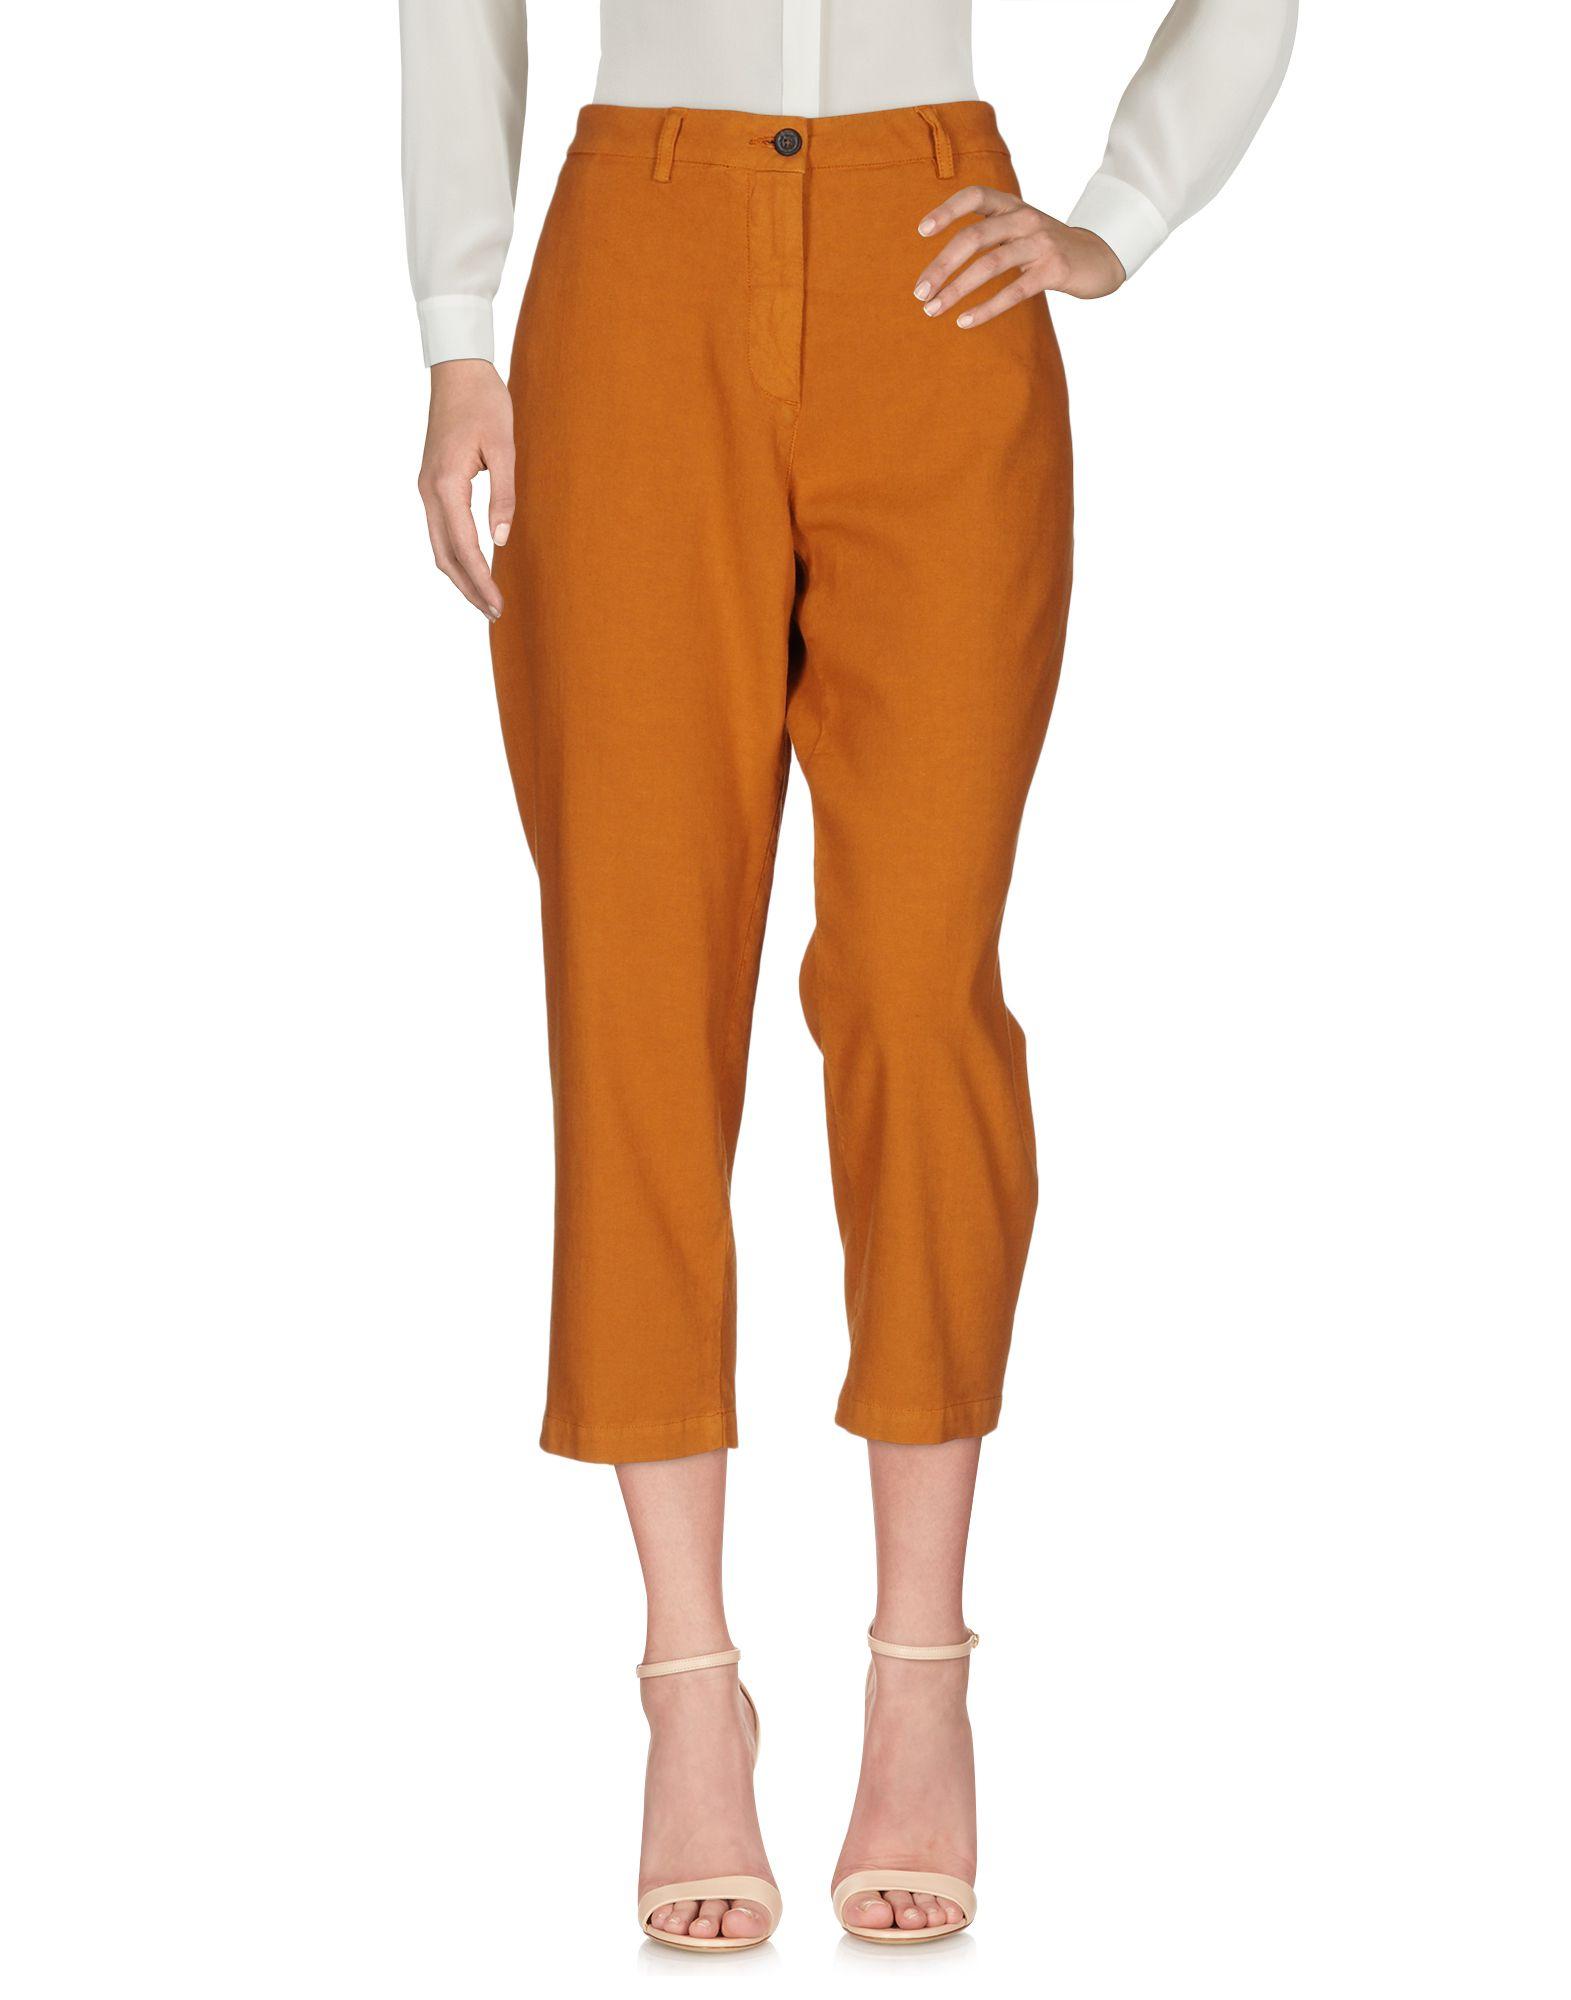 цены на IANUX #THINKCOLORED Повседневные брюки  в интернет-магазинах